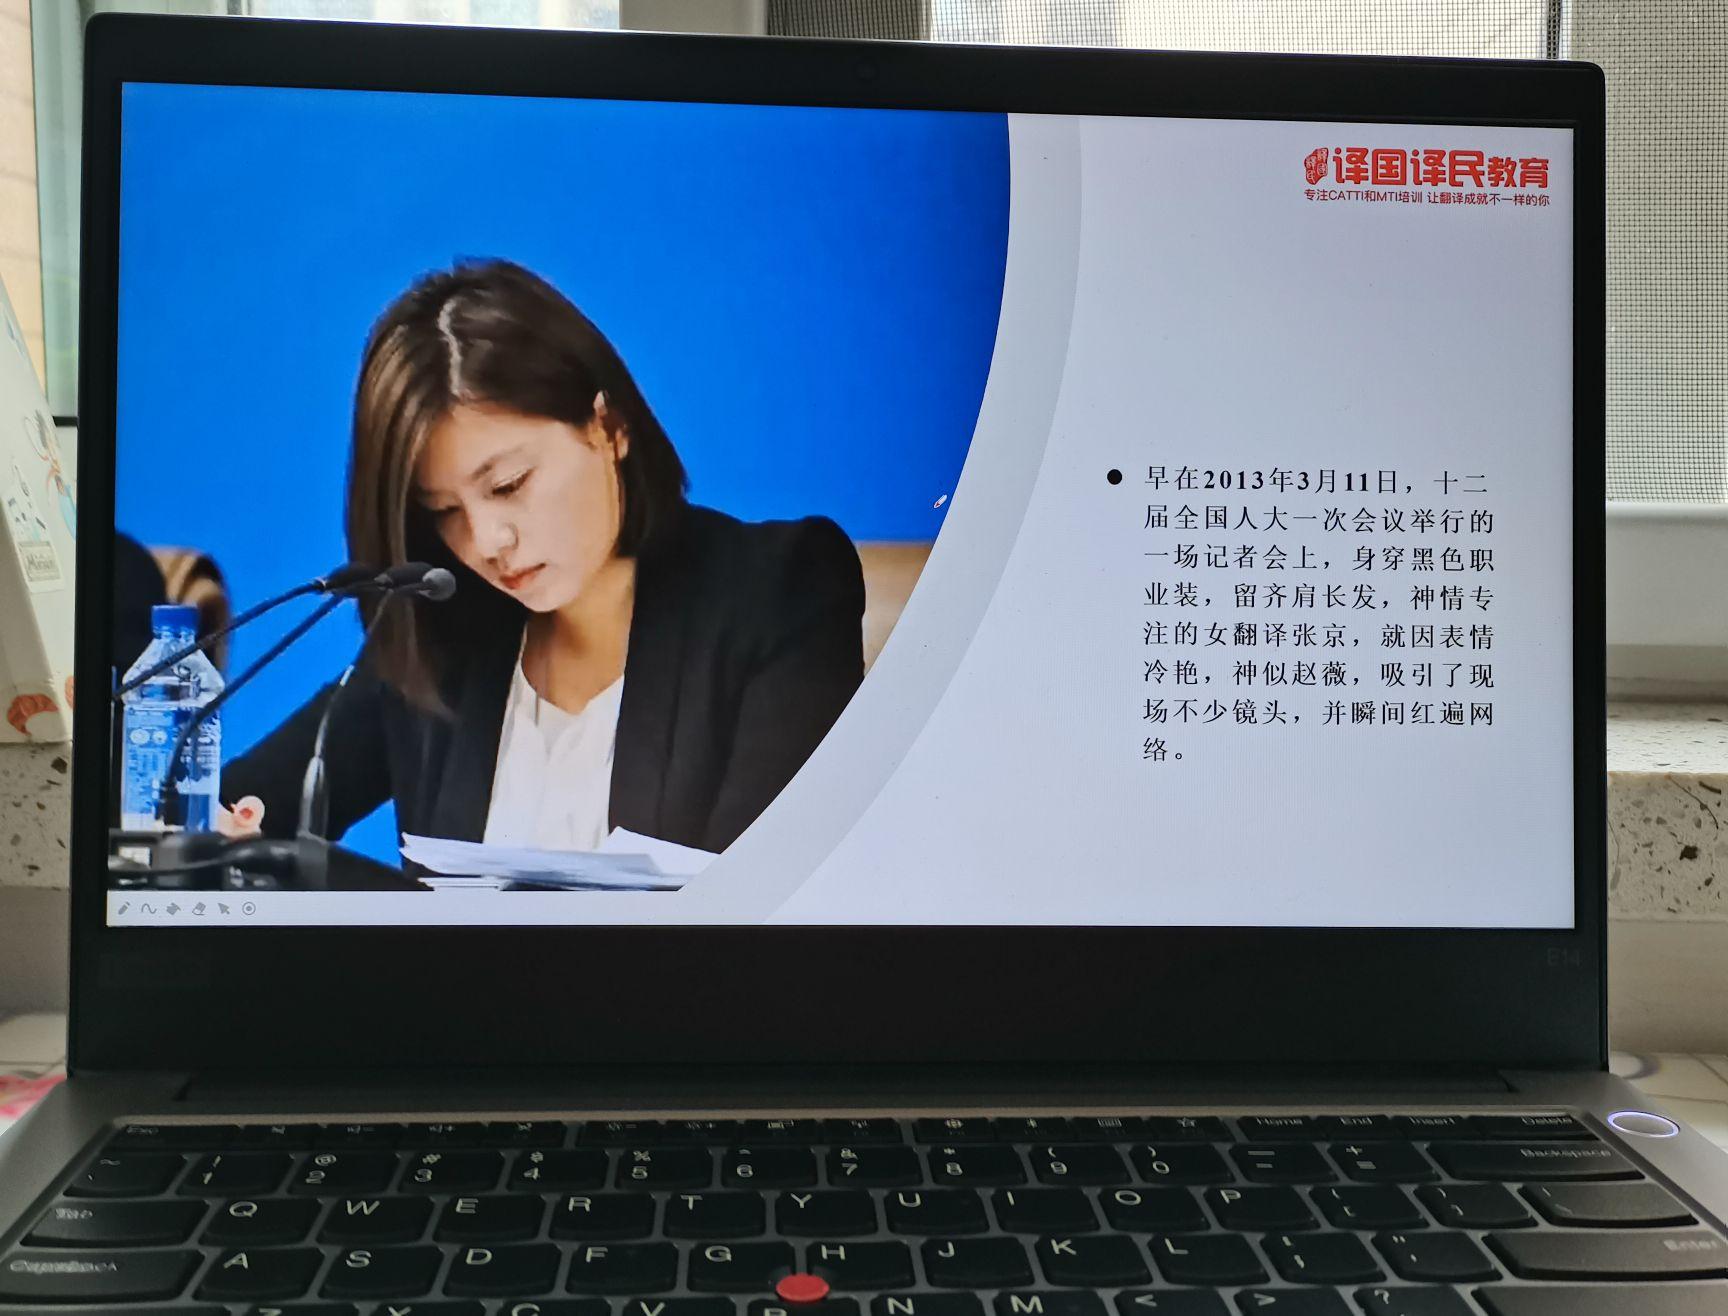 学习翻译技能,成就翻译梦想